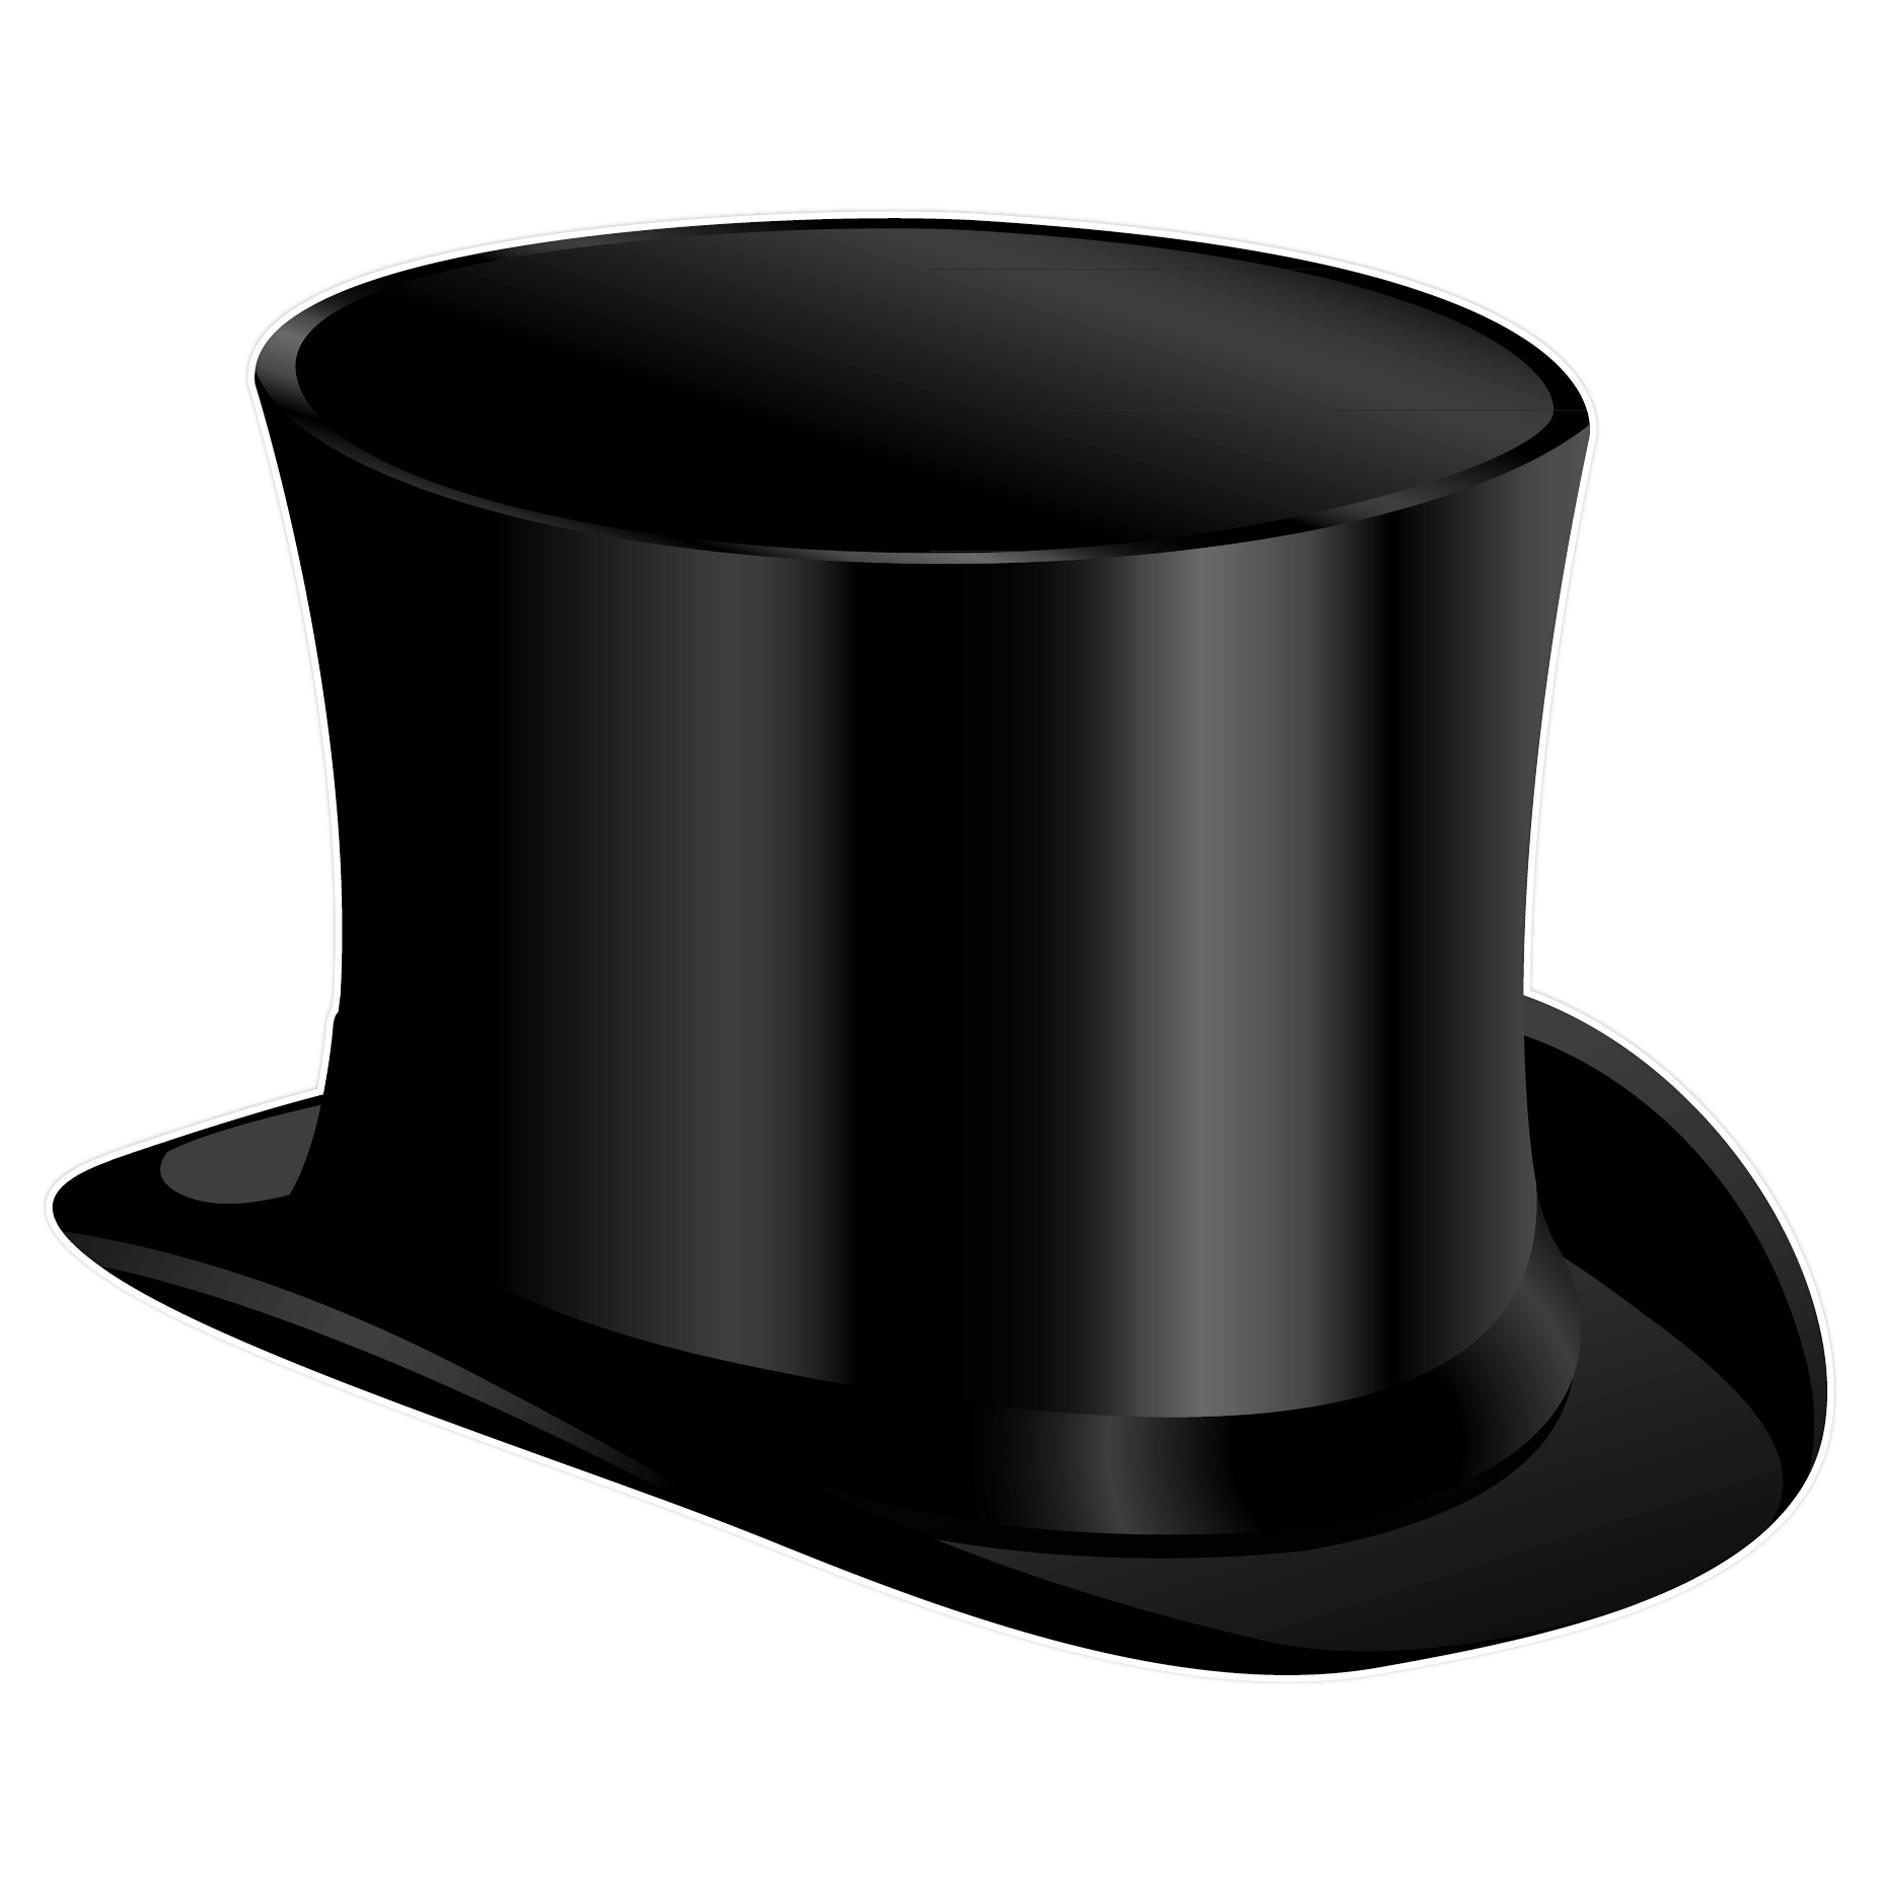 1879x1879 Groom Clipart Top Hat